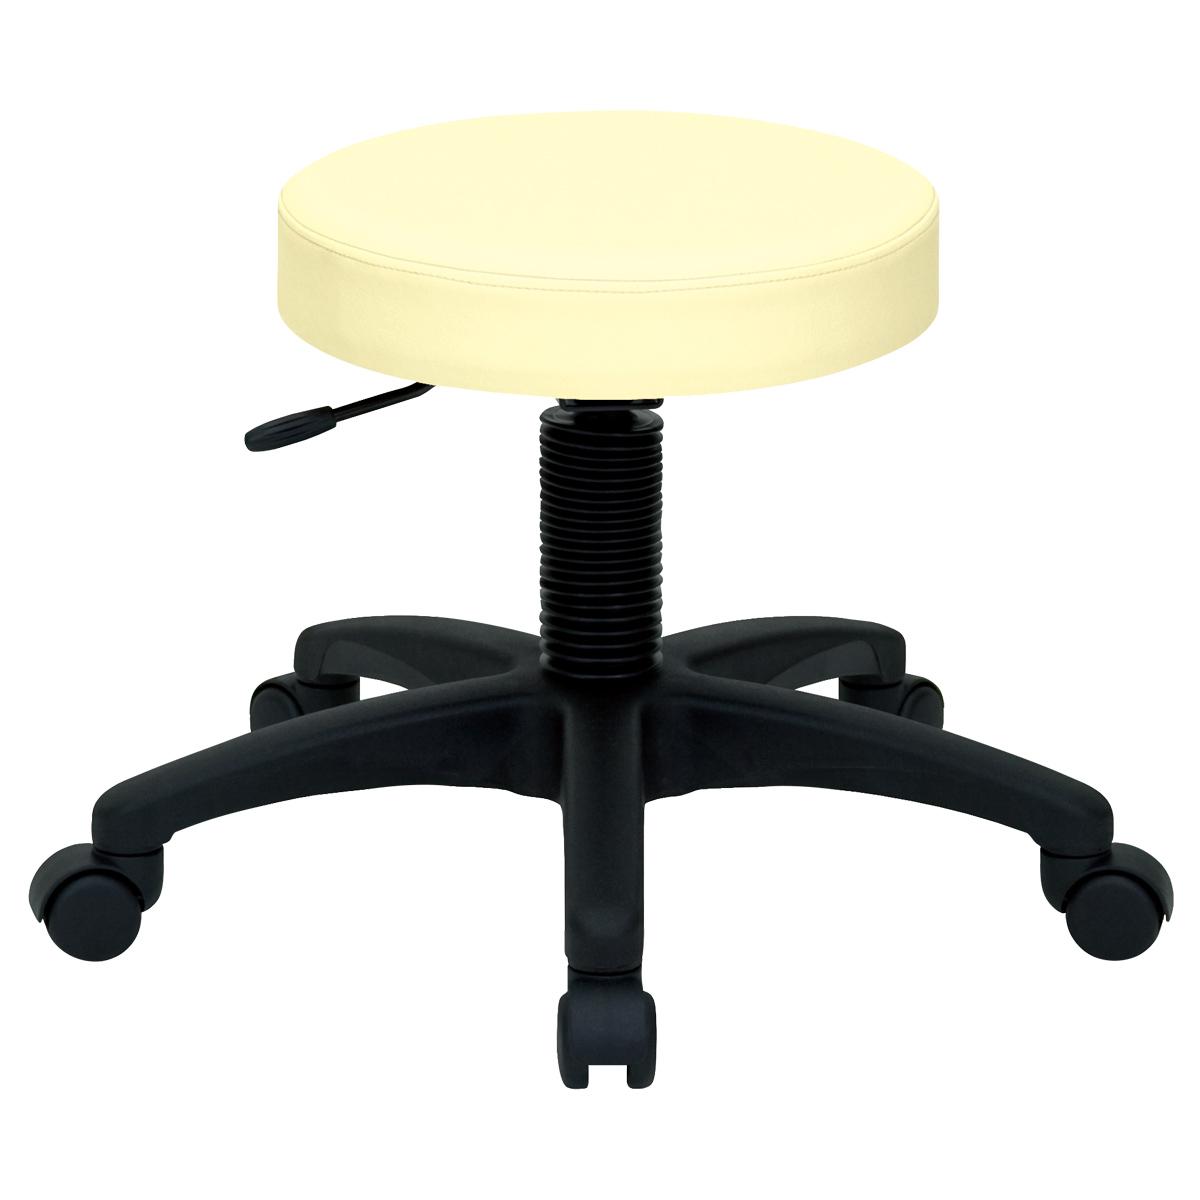 ホスピタルチェア W530 D550 H420-500 アイボリー チェア ミーティングチェア スツール 椅子 ラウンジチェア キャスター オフィス メーカー アルコール デザイン